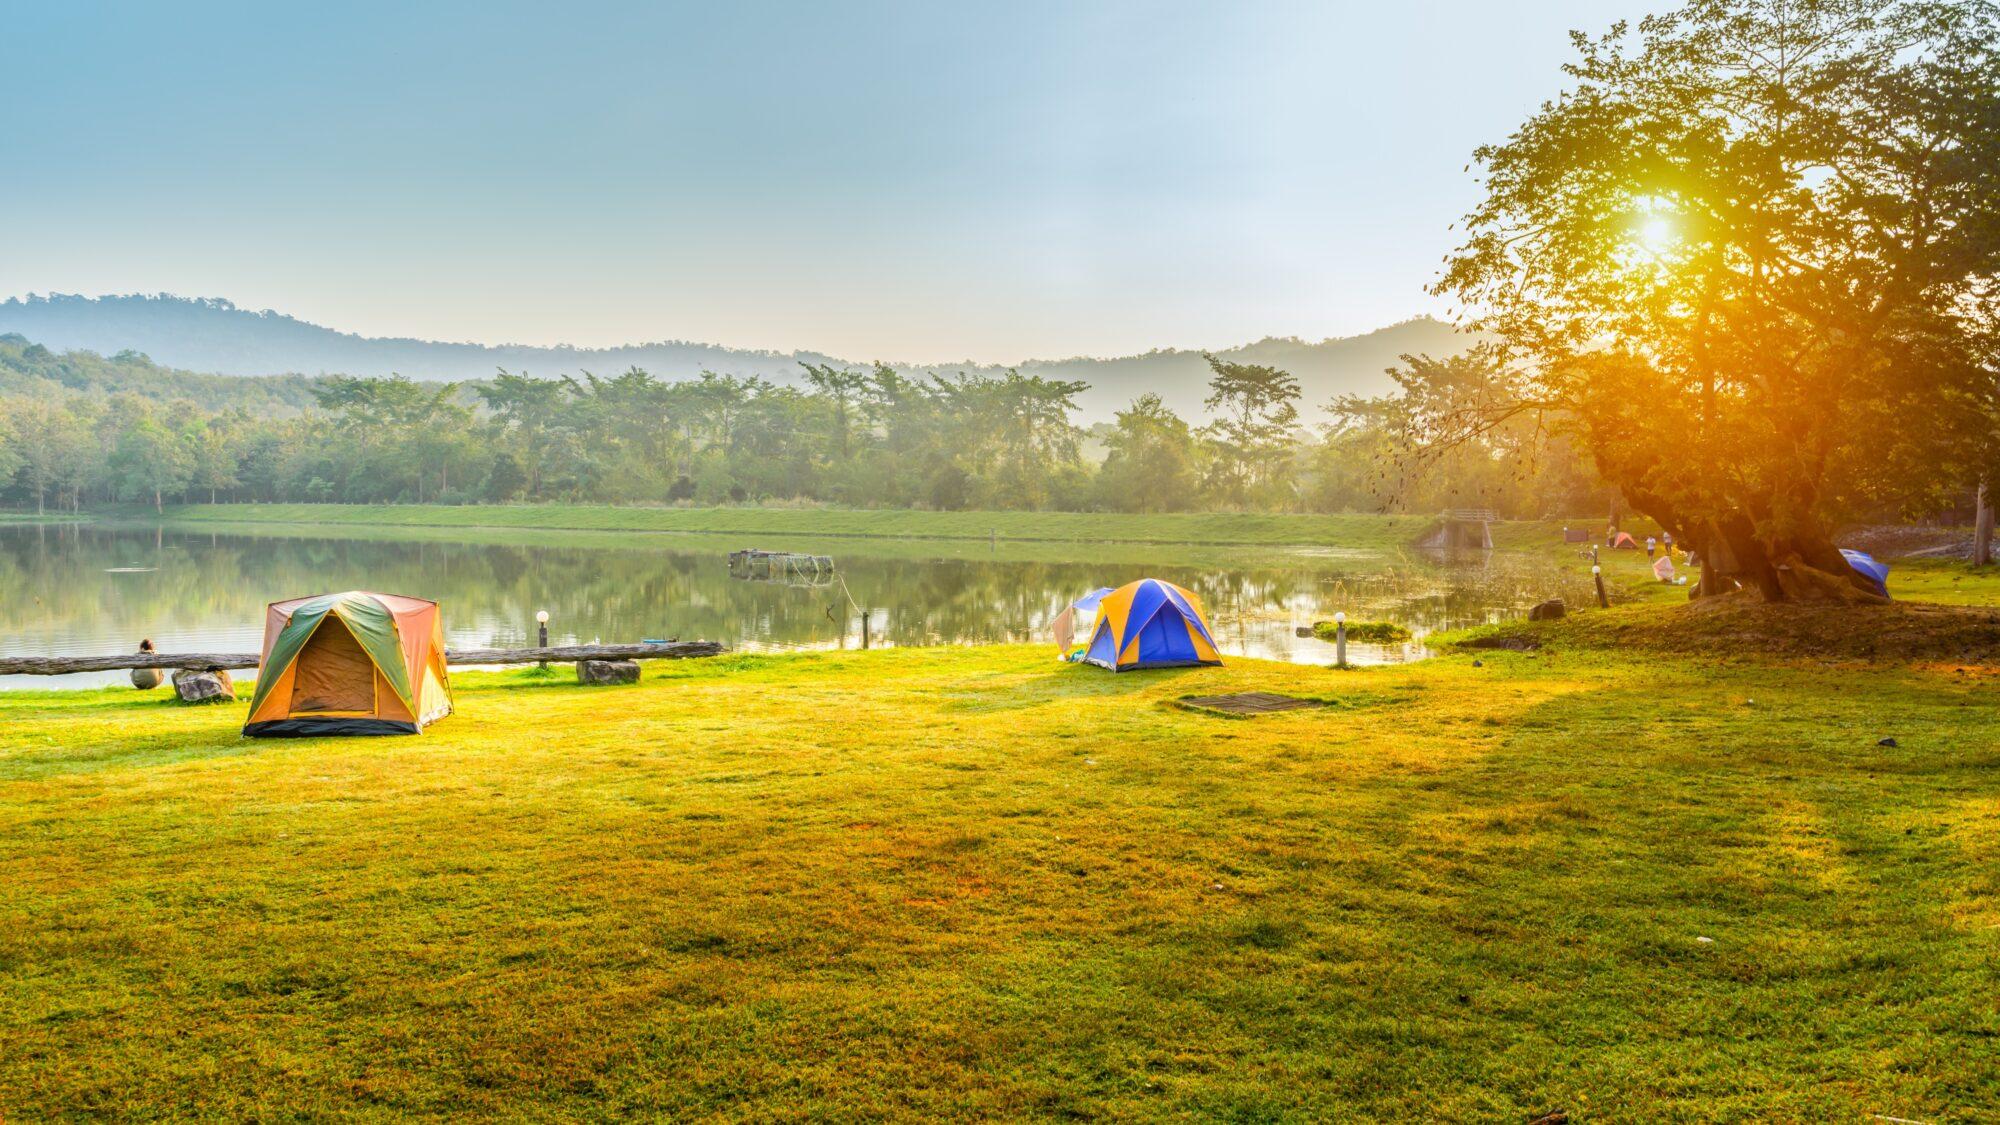 Kleinschalige campings vragen overheid directe hulp en steun